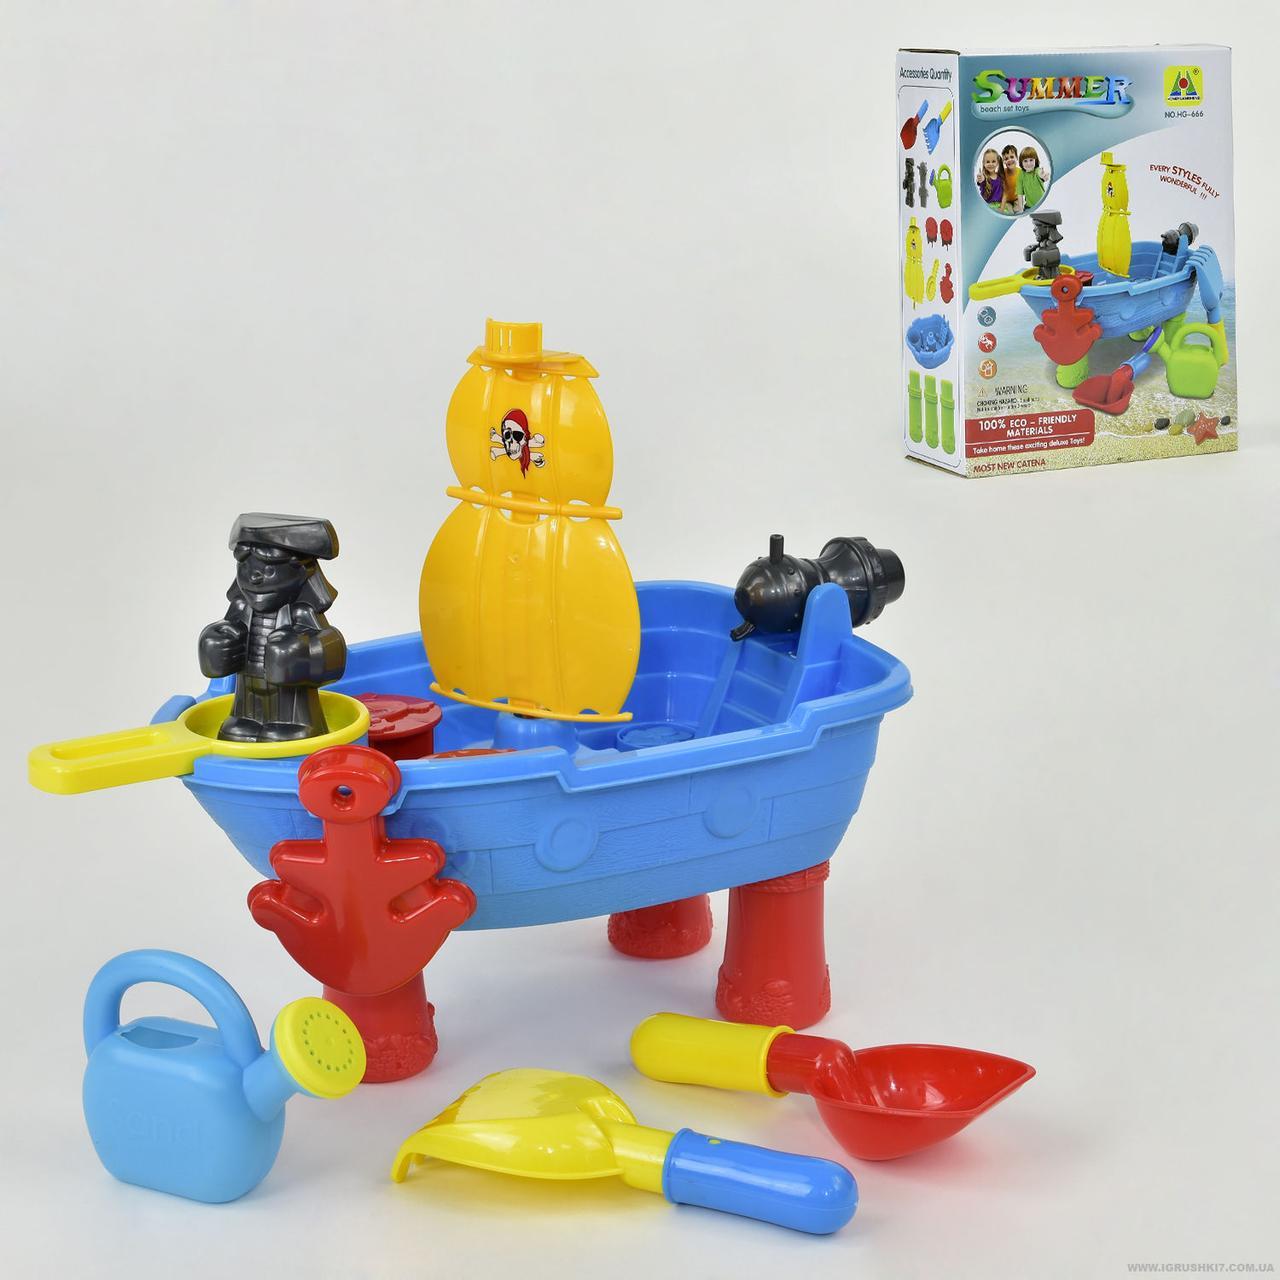 Детский игровой столик для песка и воды HG 666 Пиратский корабль с аксессуарами